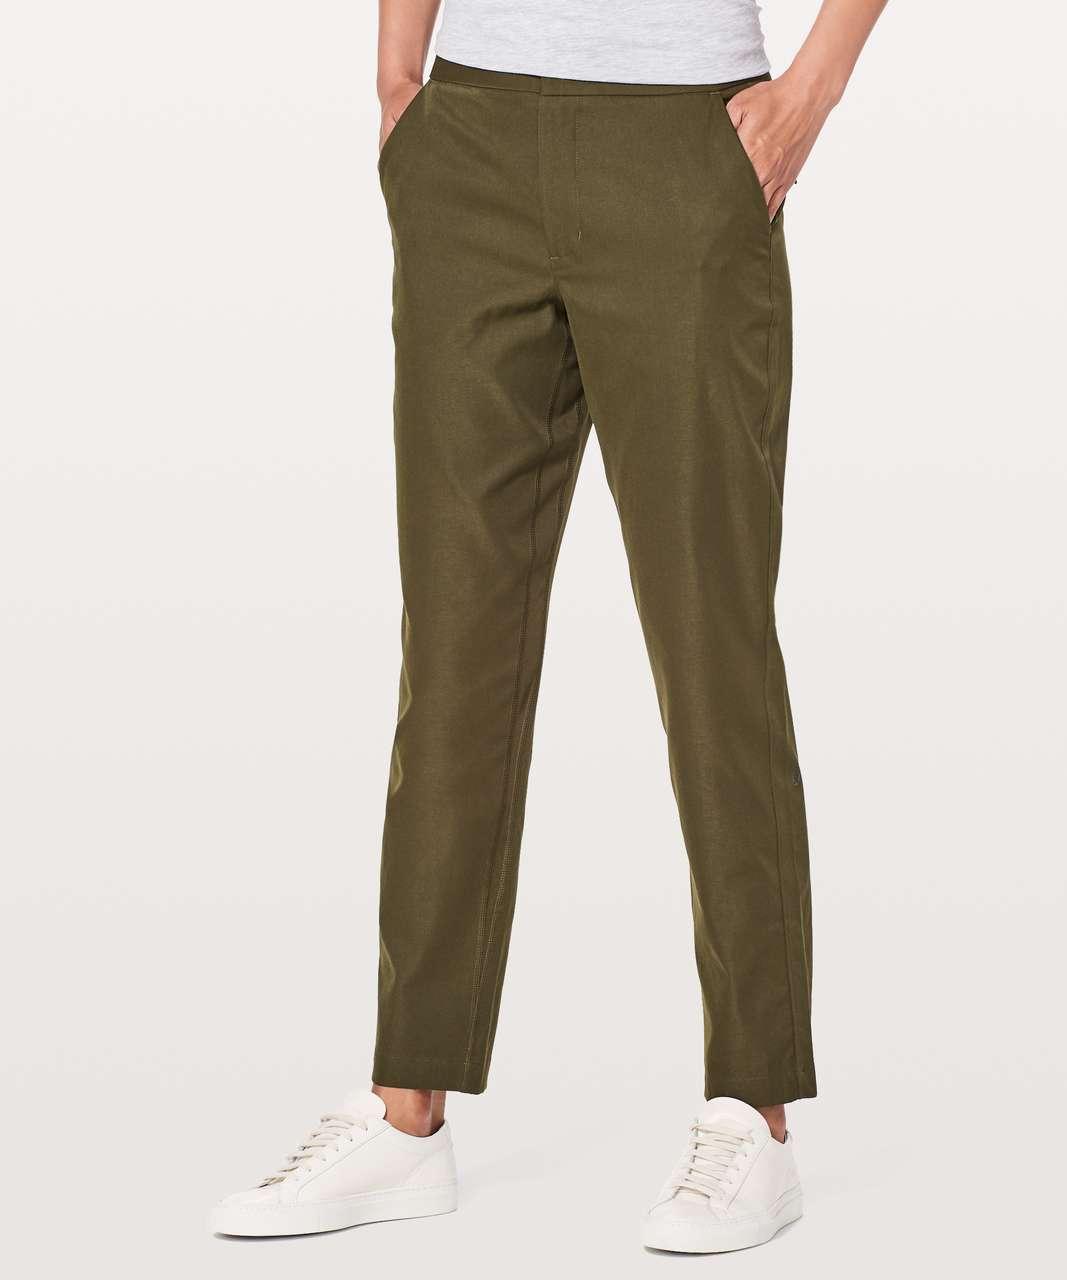 8c123e89a0 Lululemon City Trek Trouser *28